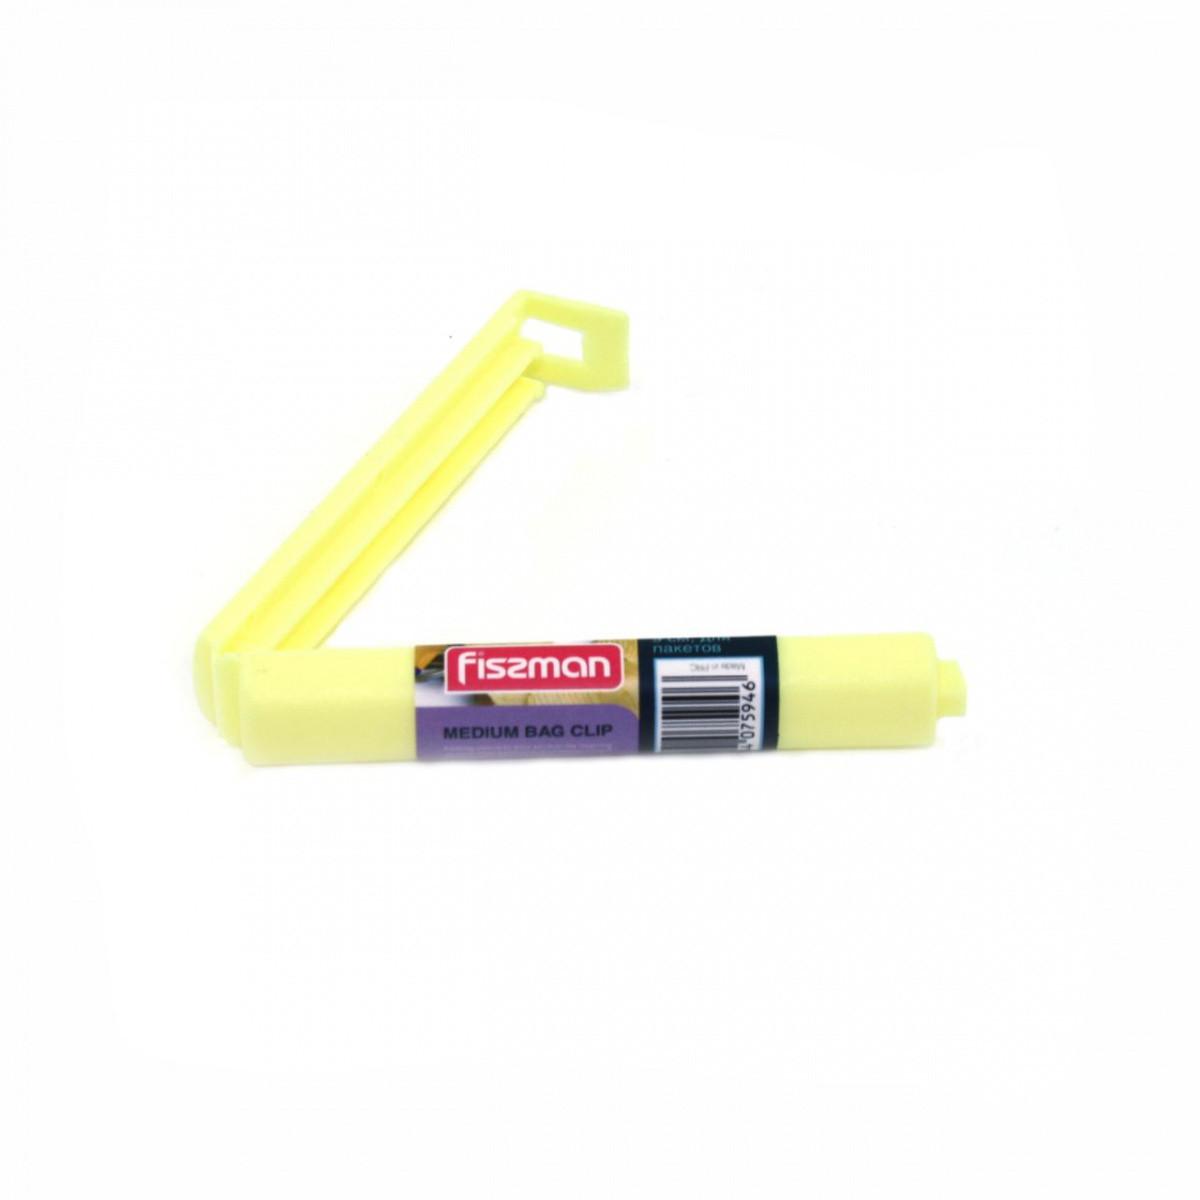 Зажим для пакетов Fissman 9 см (Пластик)